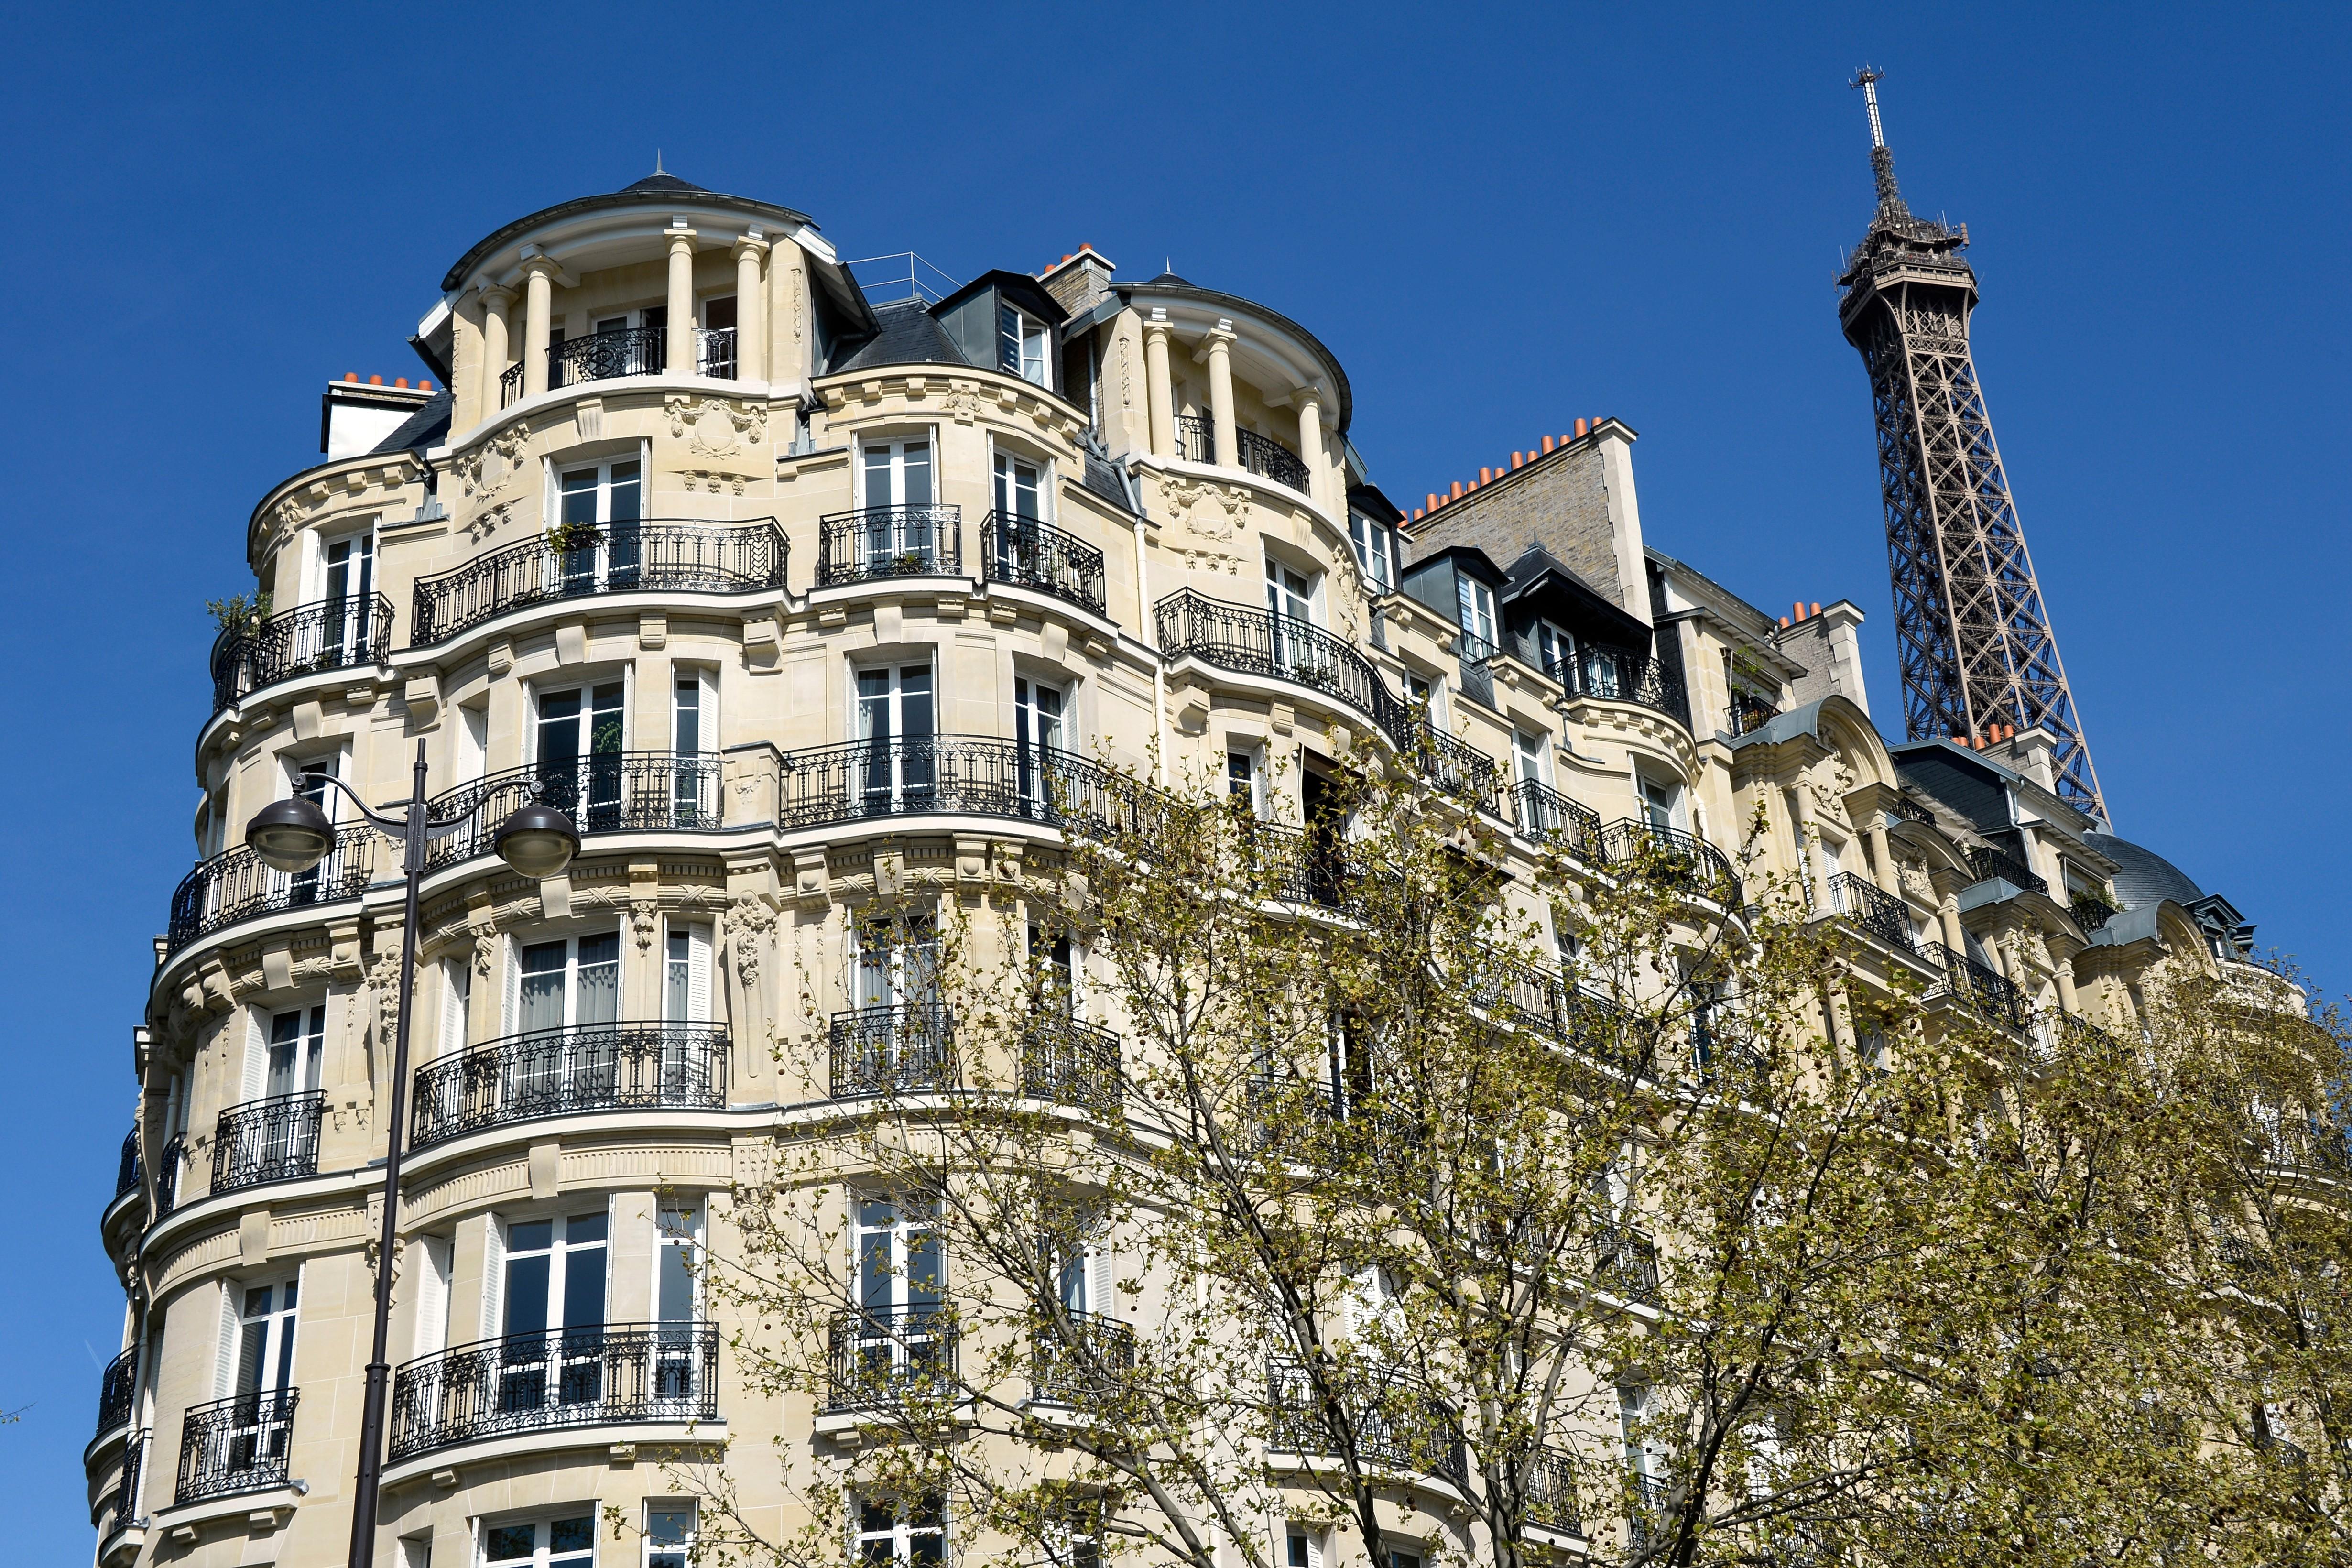 quelques-astuces-avant-douvrir-une-agence-immobiliere_image-2